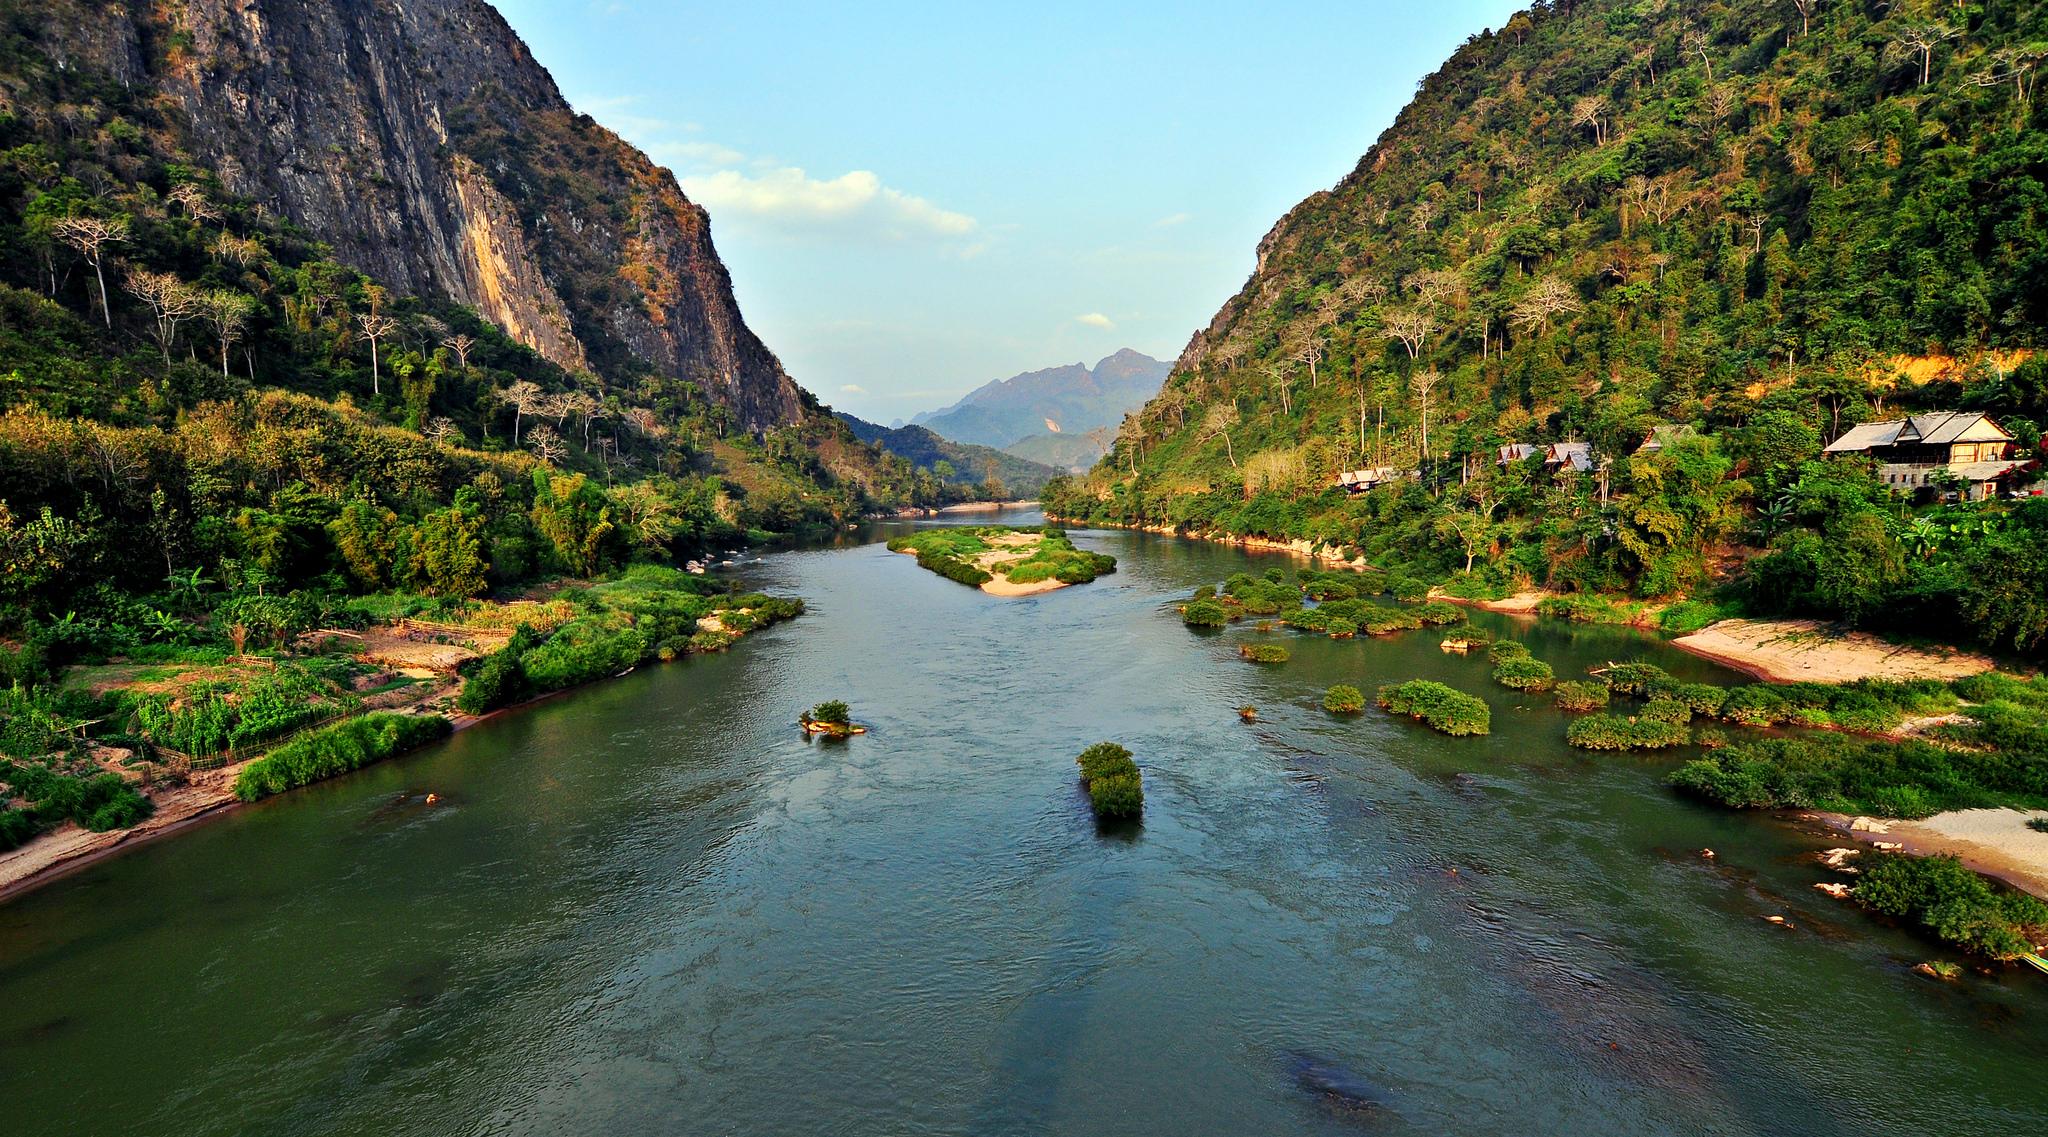 Mekong.River.original.4791.jpg